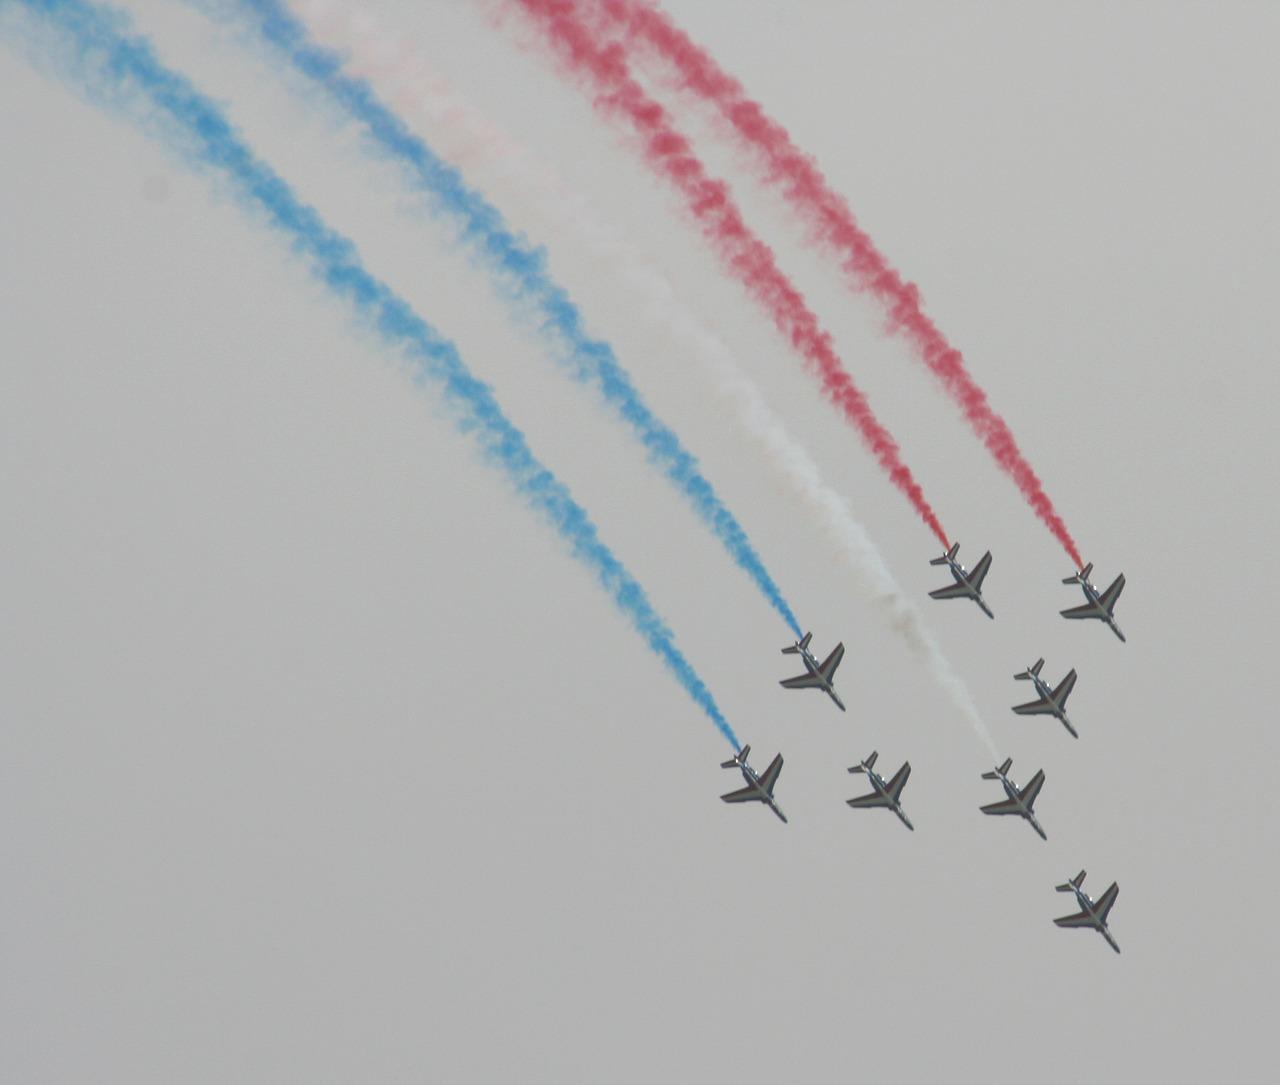 aircraft-1581330_1280